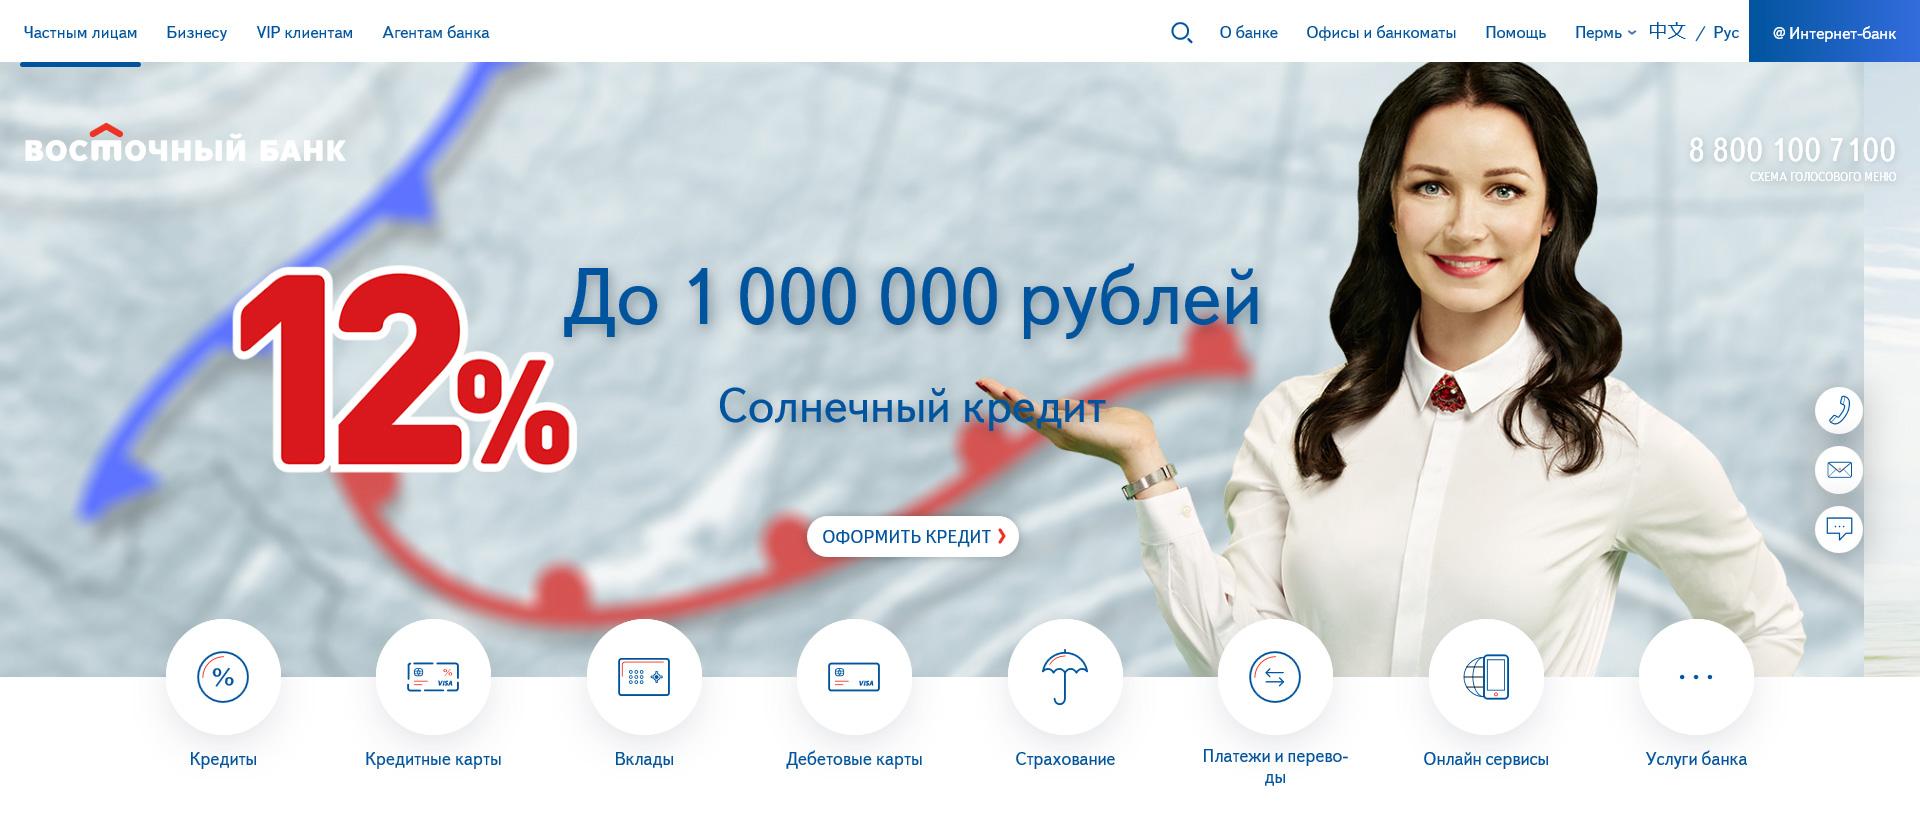 Официальный сайт Восточный Банк